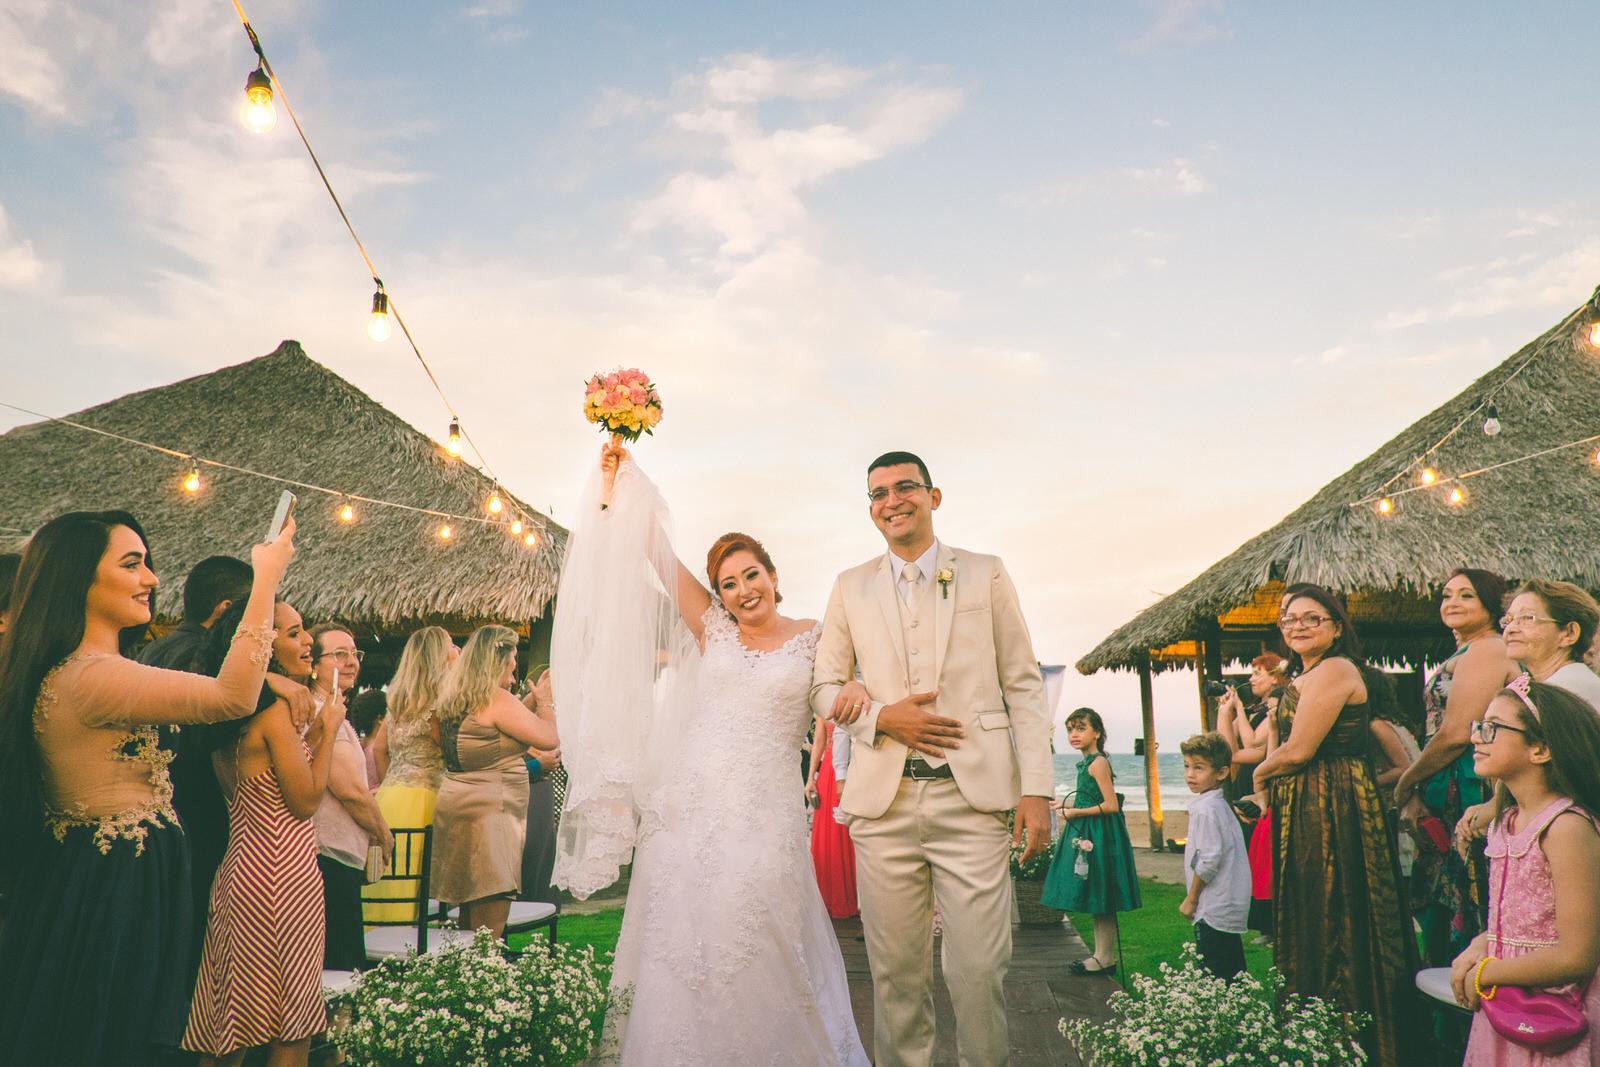 casamento-em-barraca-solarium-praia-do-futuro-9